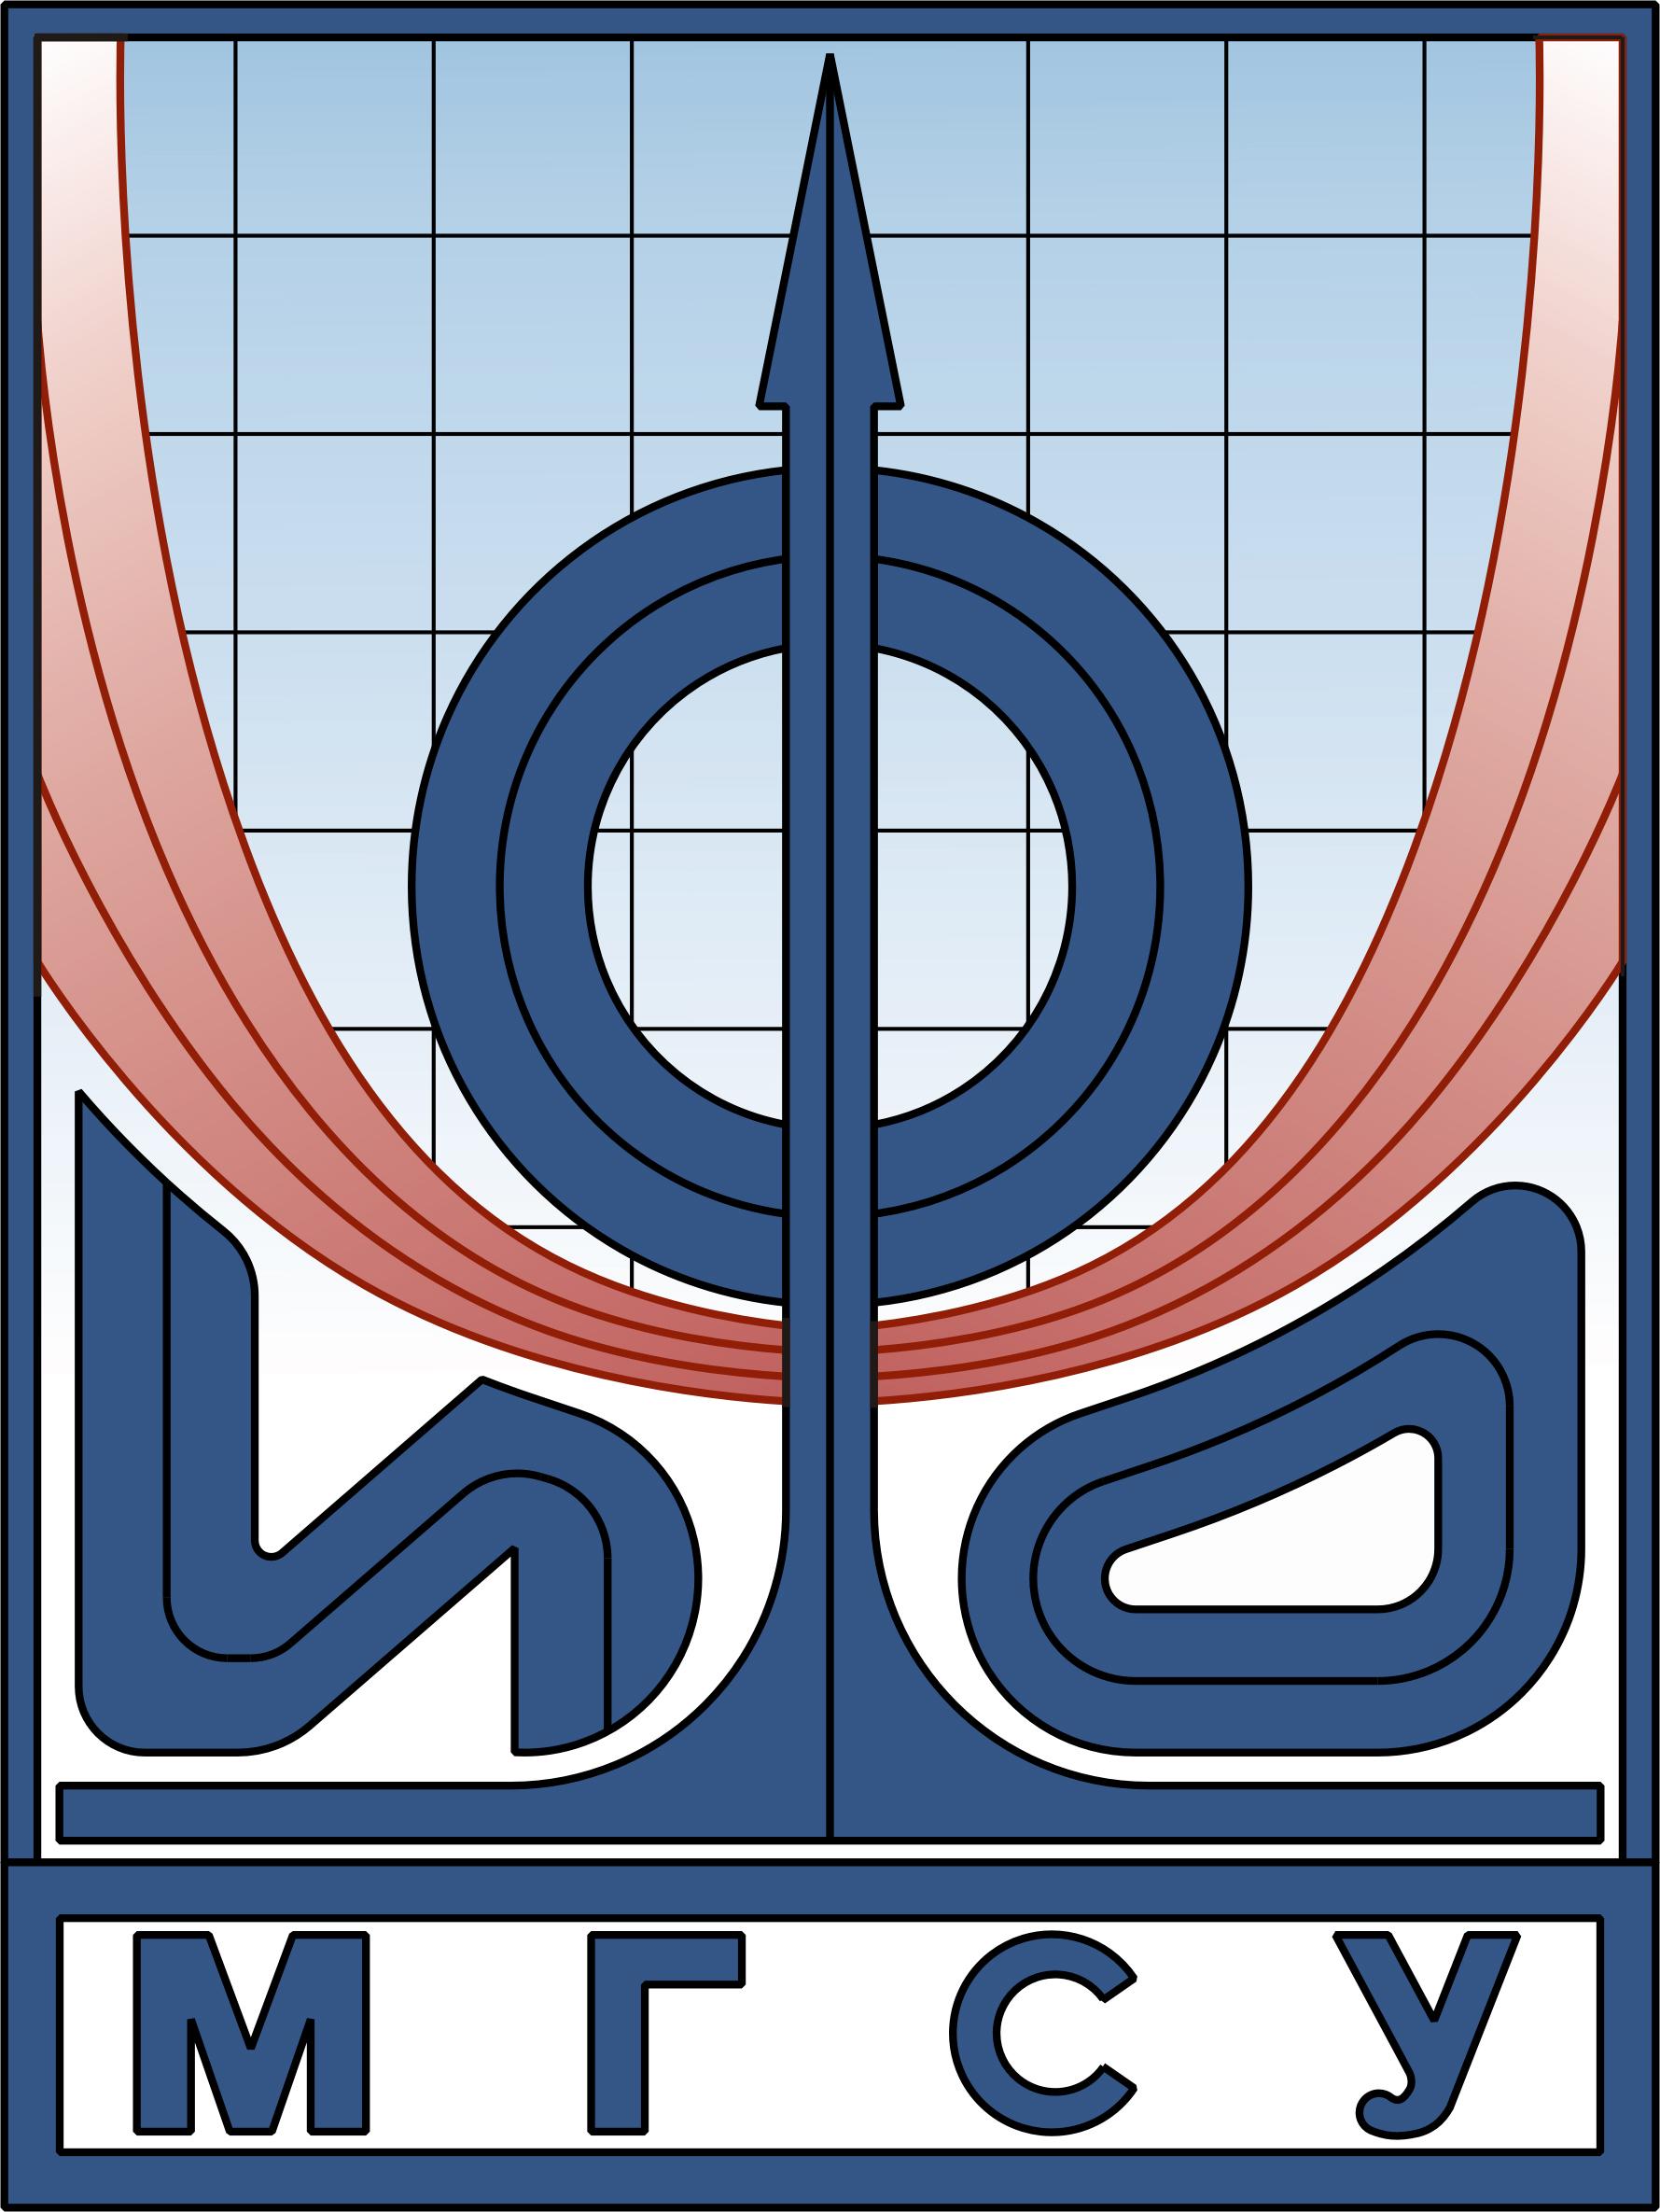 Победивший вариант логотипа, впоследствии переработанный с учётом пожеланий представителей ИФО